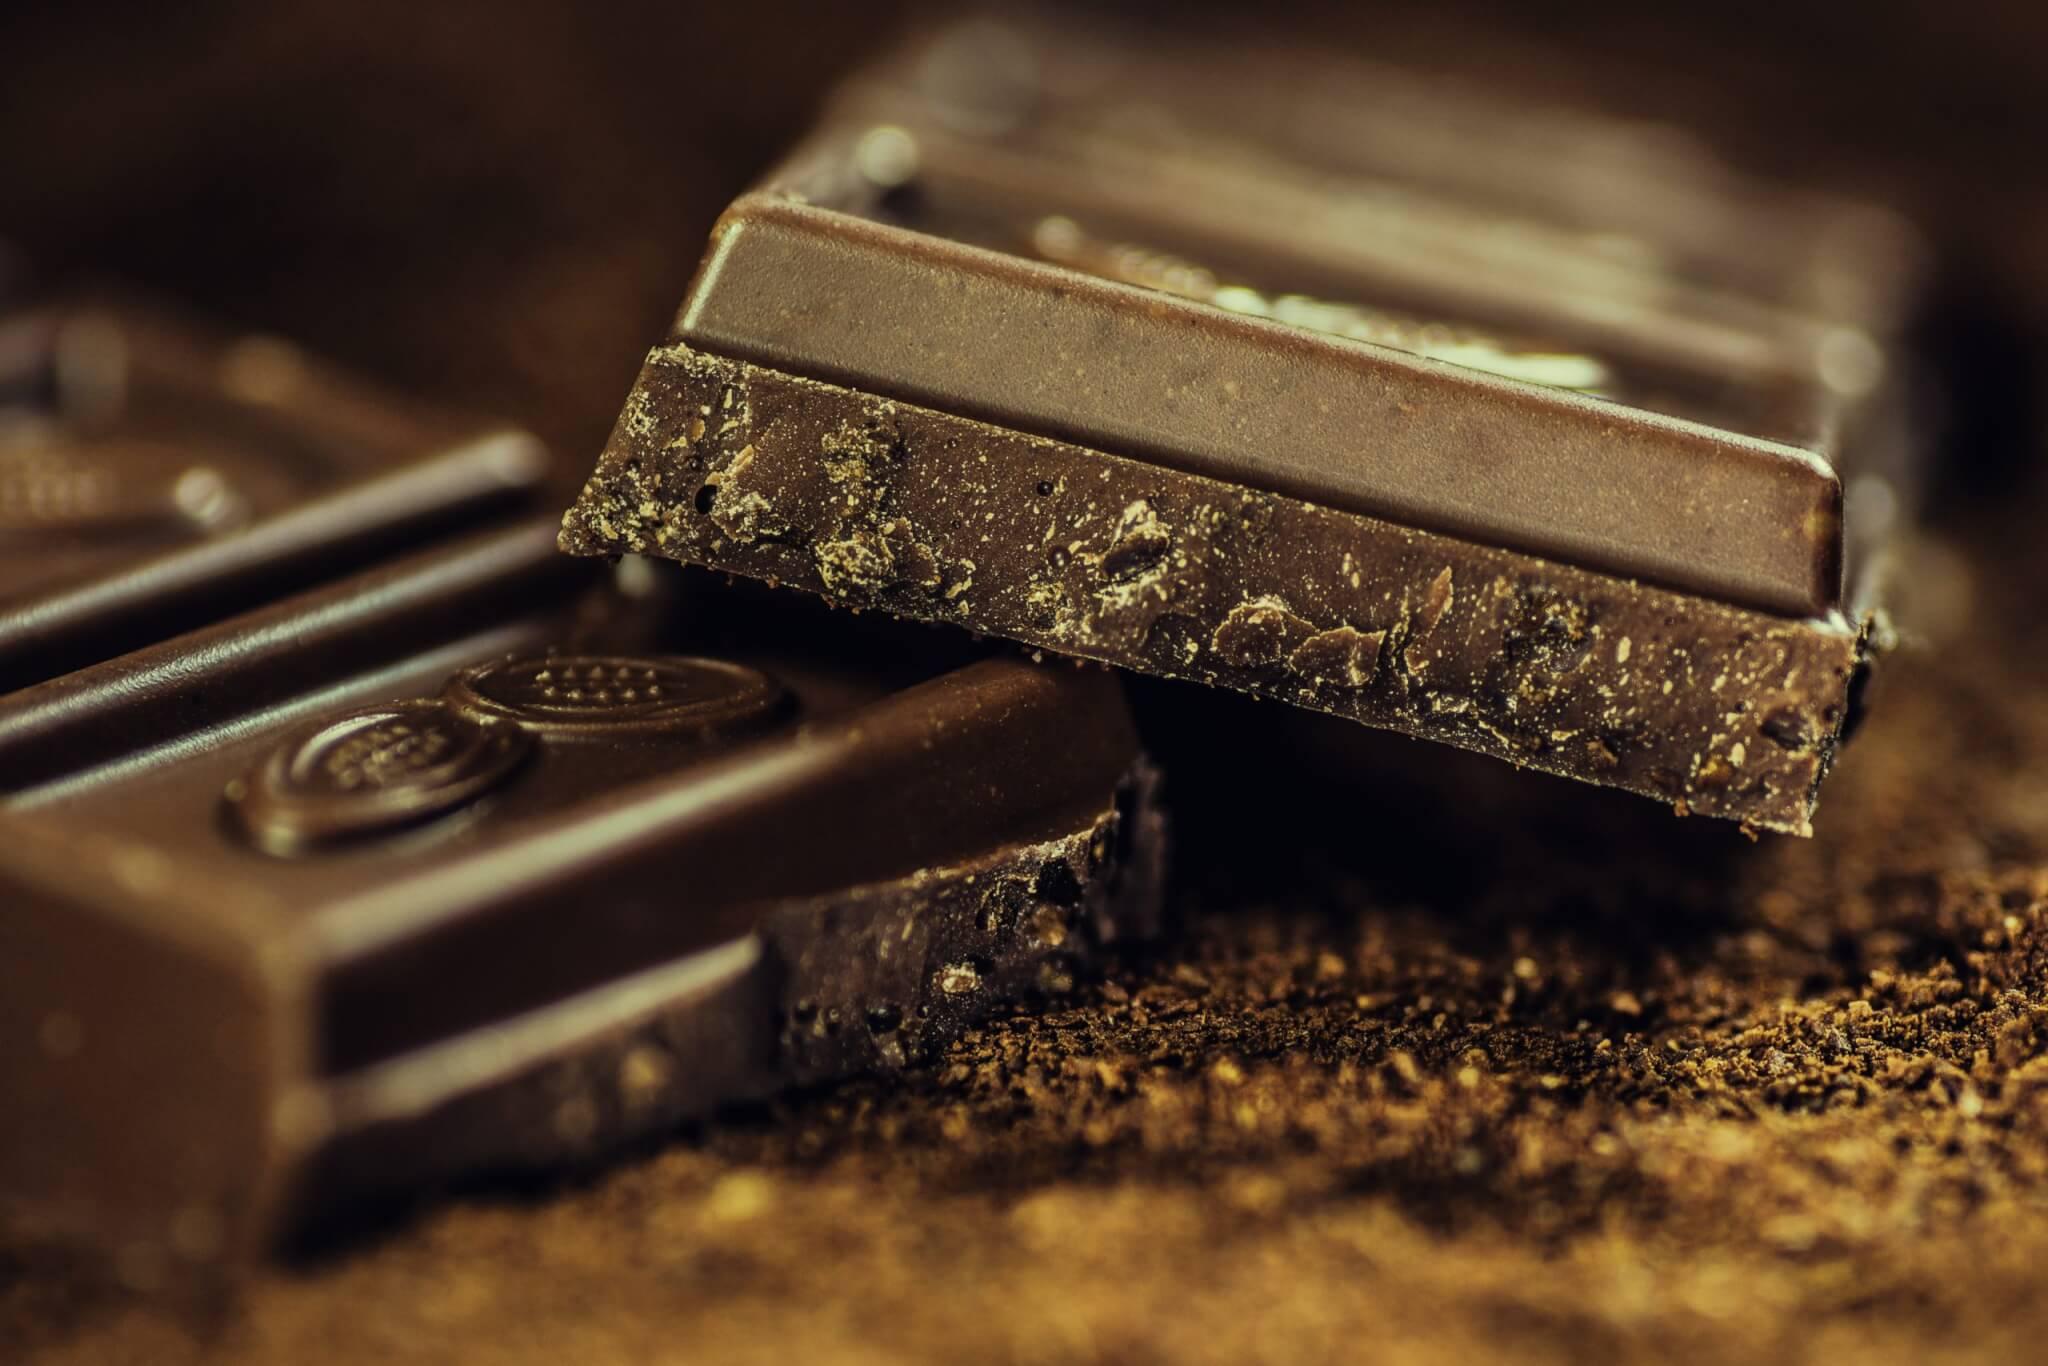 Kakaoanbau in Ghana: Vom Rohstoff-Lieferanten zum Schokoladen-Hersteller